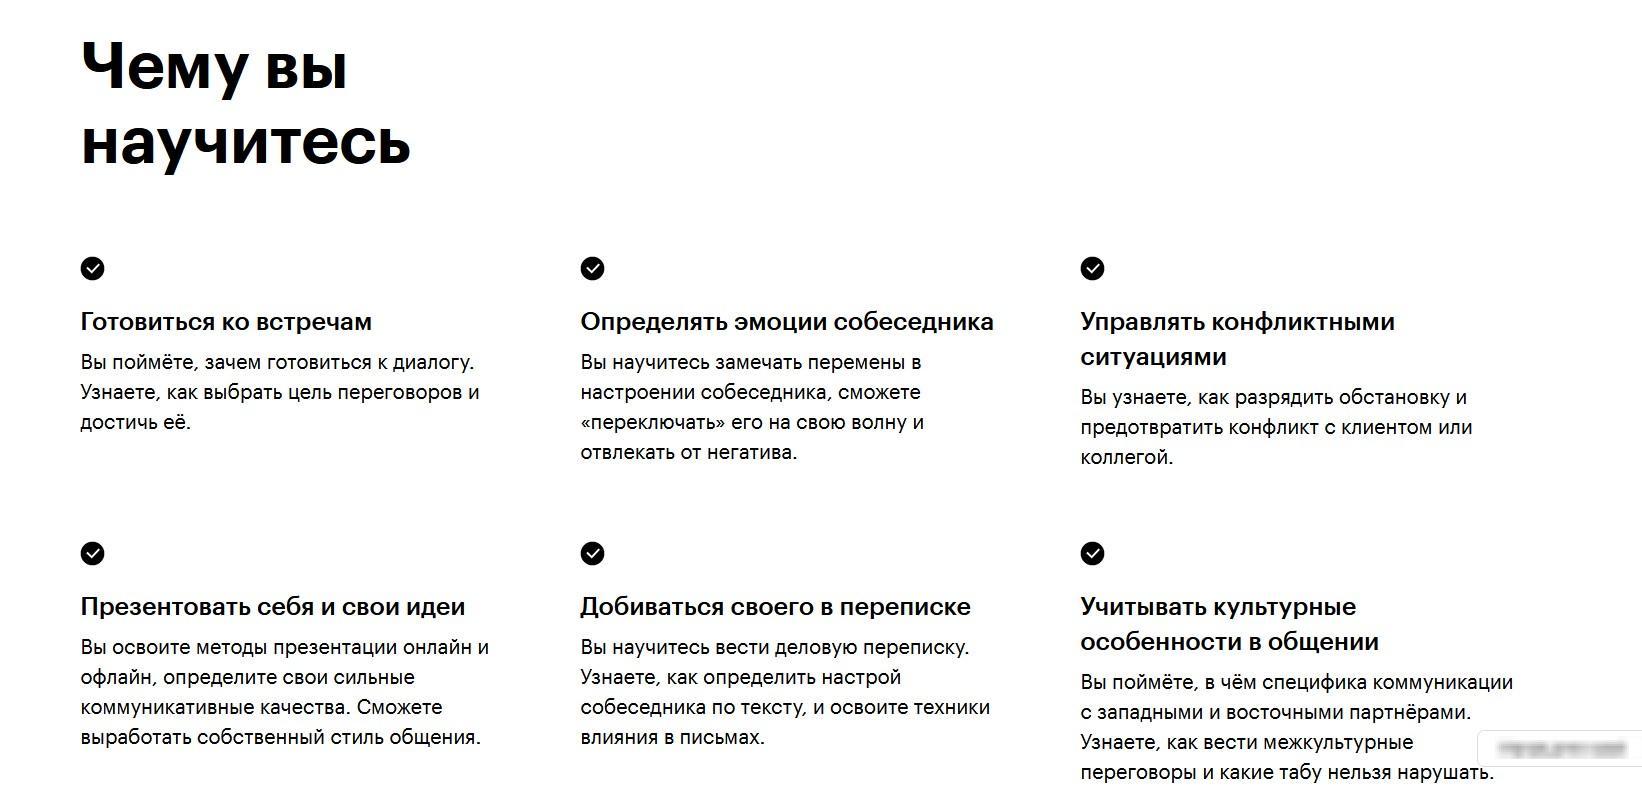 iskusstvo kommunikatsii 4